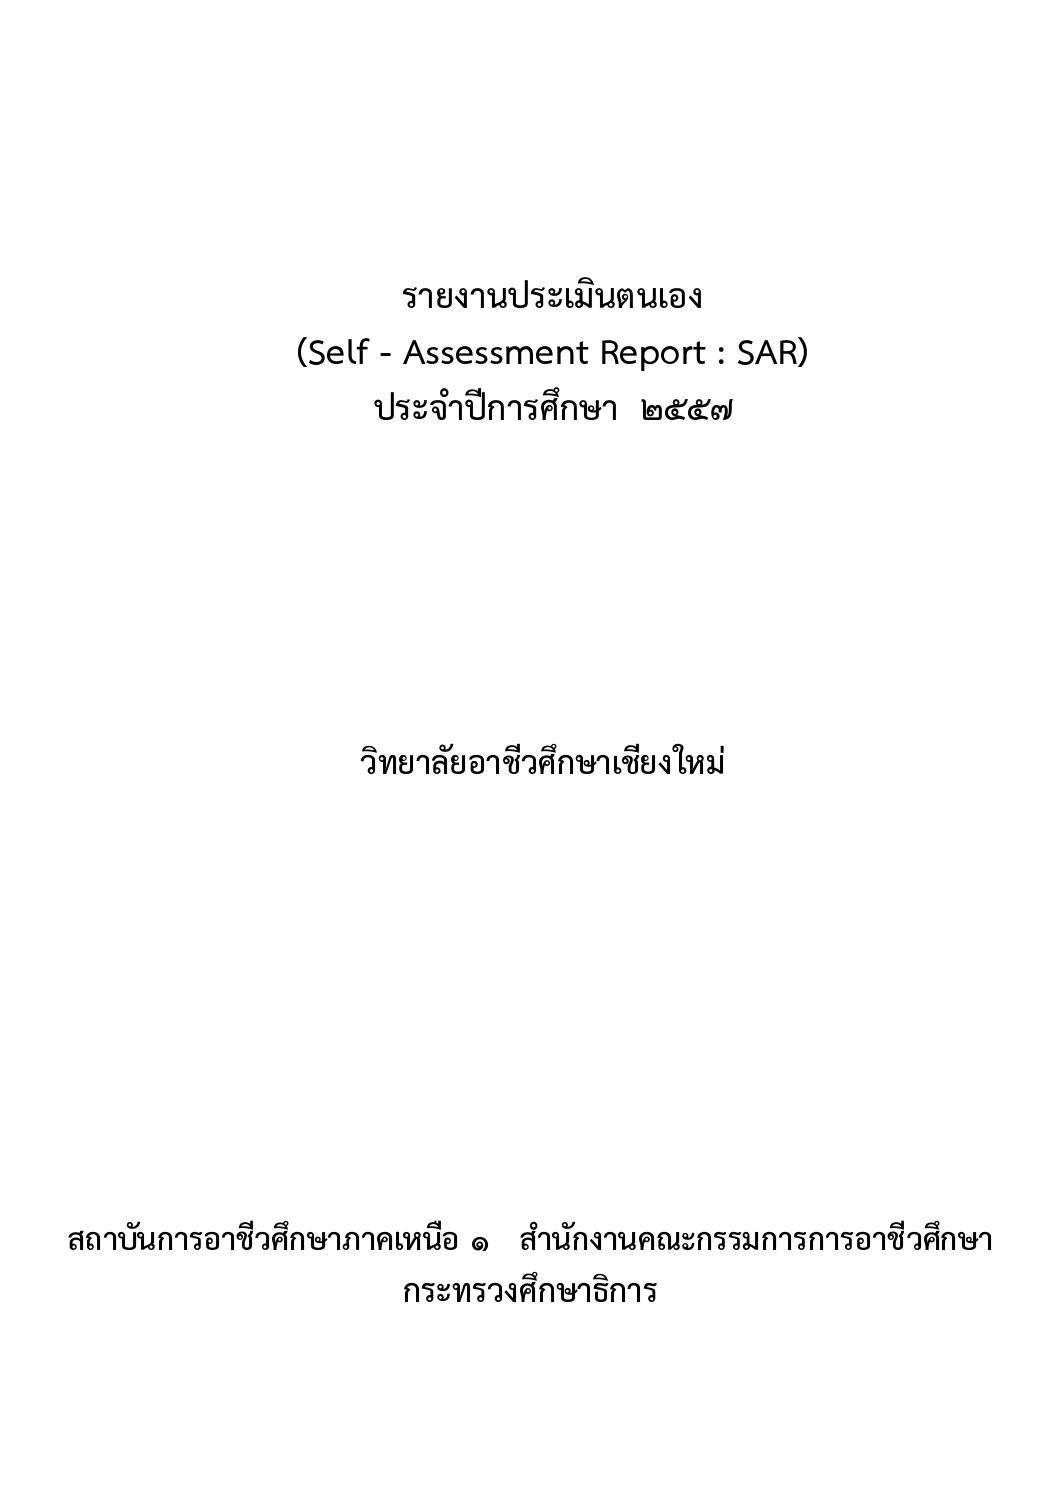 รายงานประเมินตนเอง (Self - Assessment Report) ประจำปีการศึกษา 2557 by  Chiang Mai Vocational College - issuu